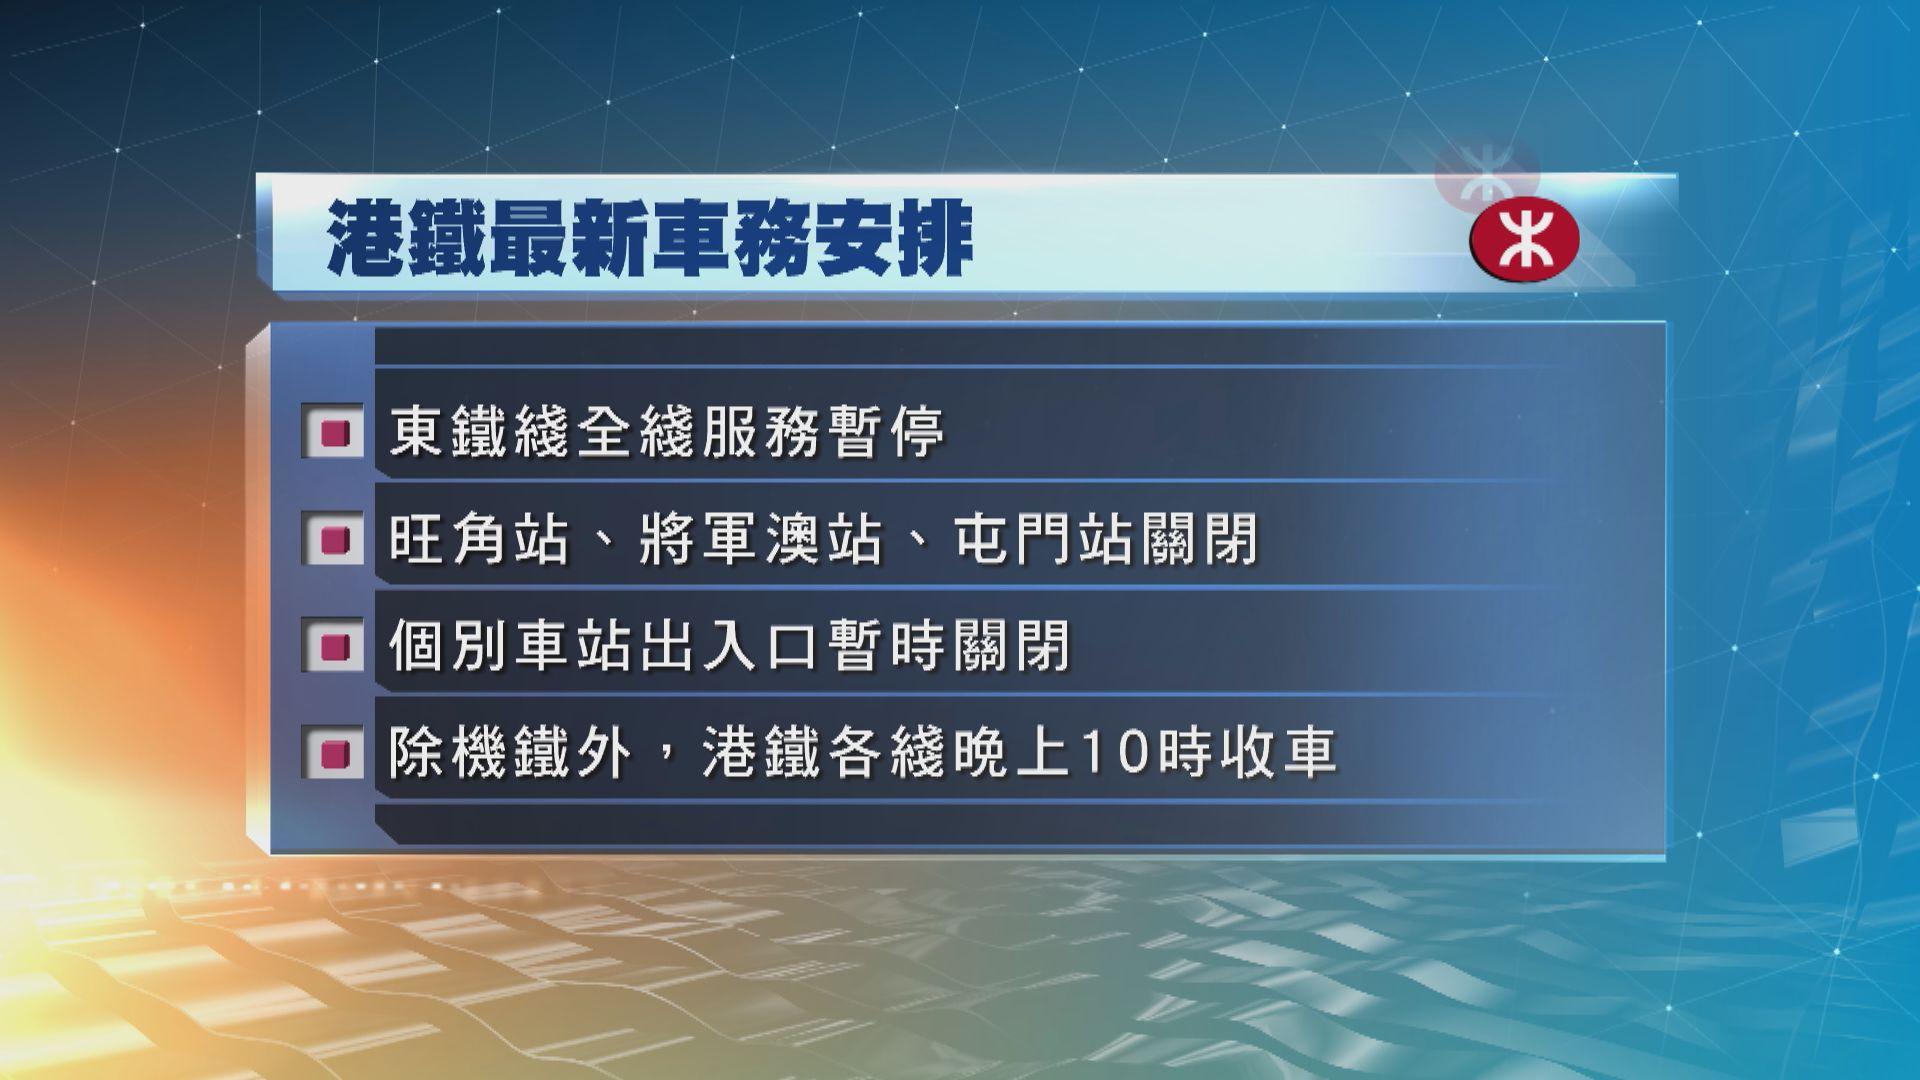 港鐵宣布東鐵綫全線服務暫停